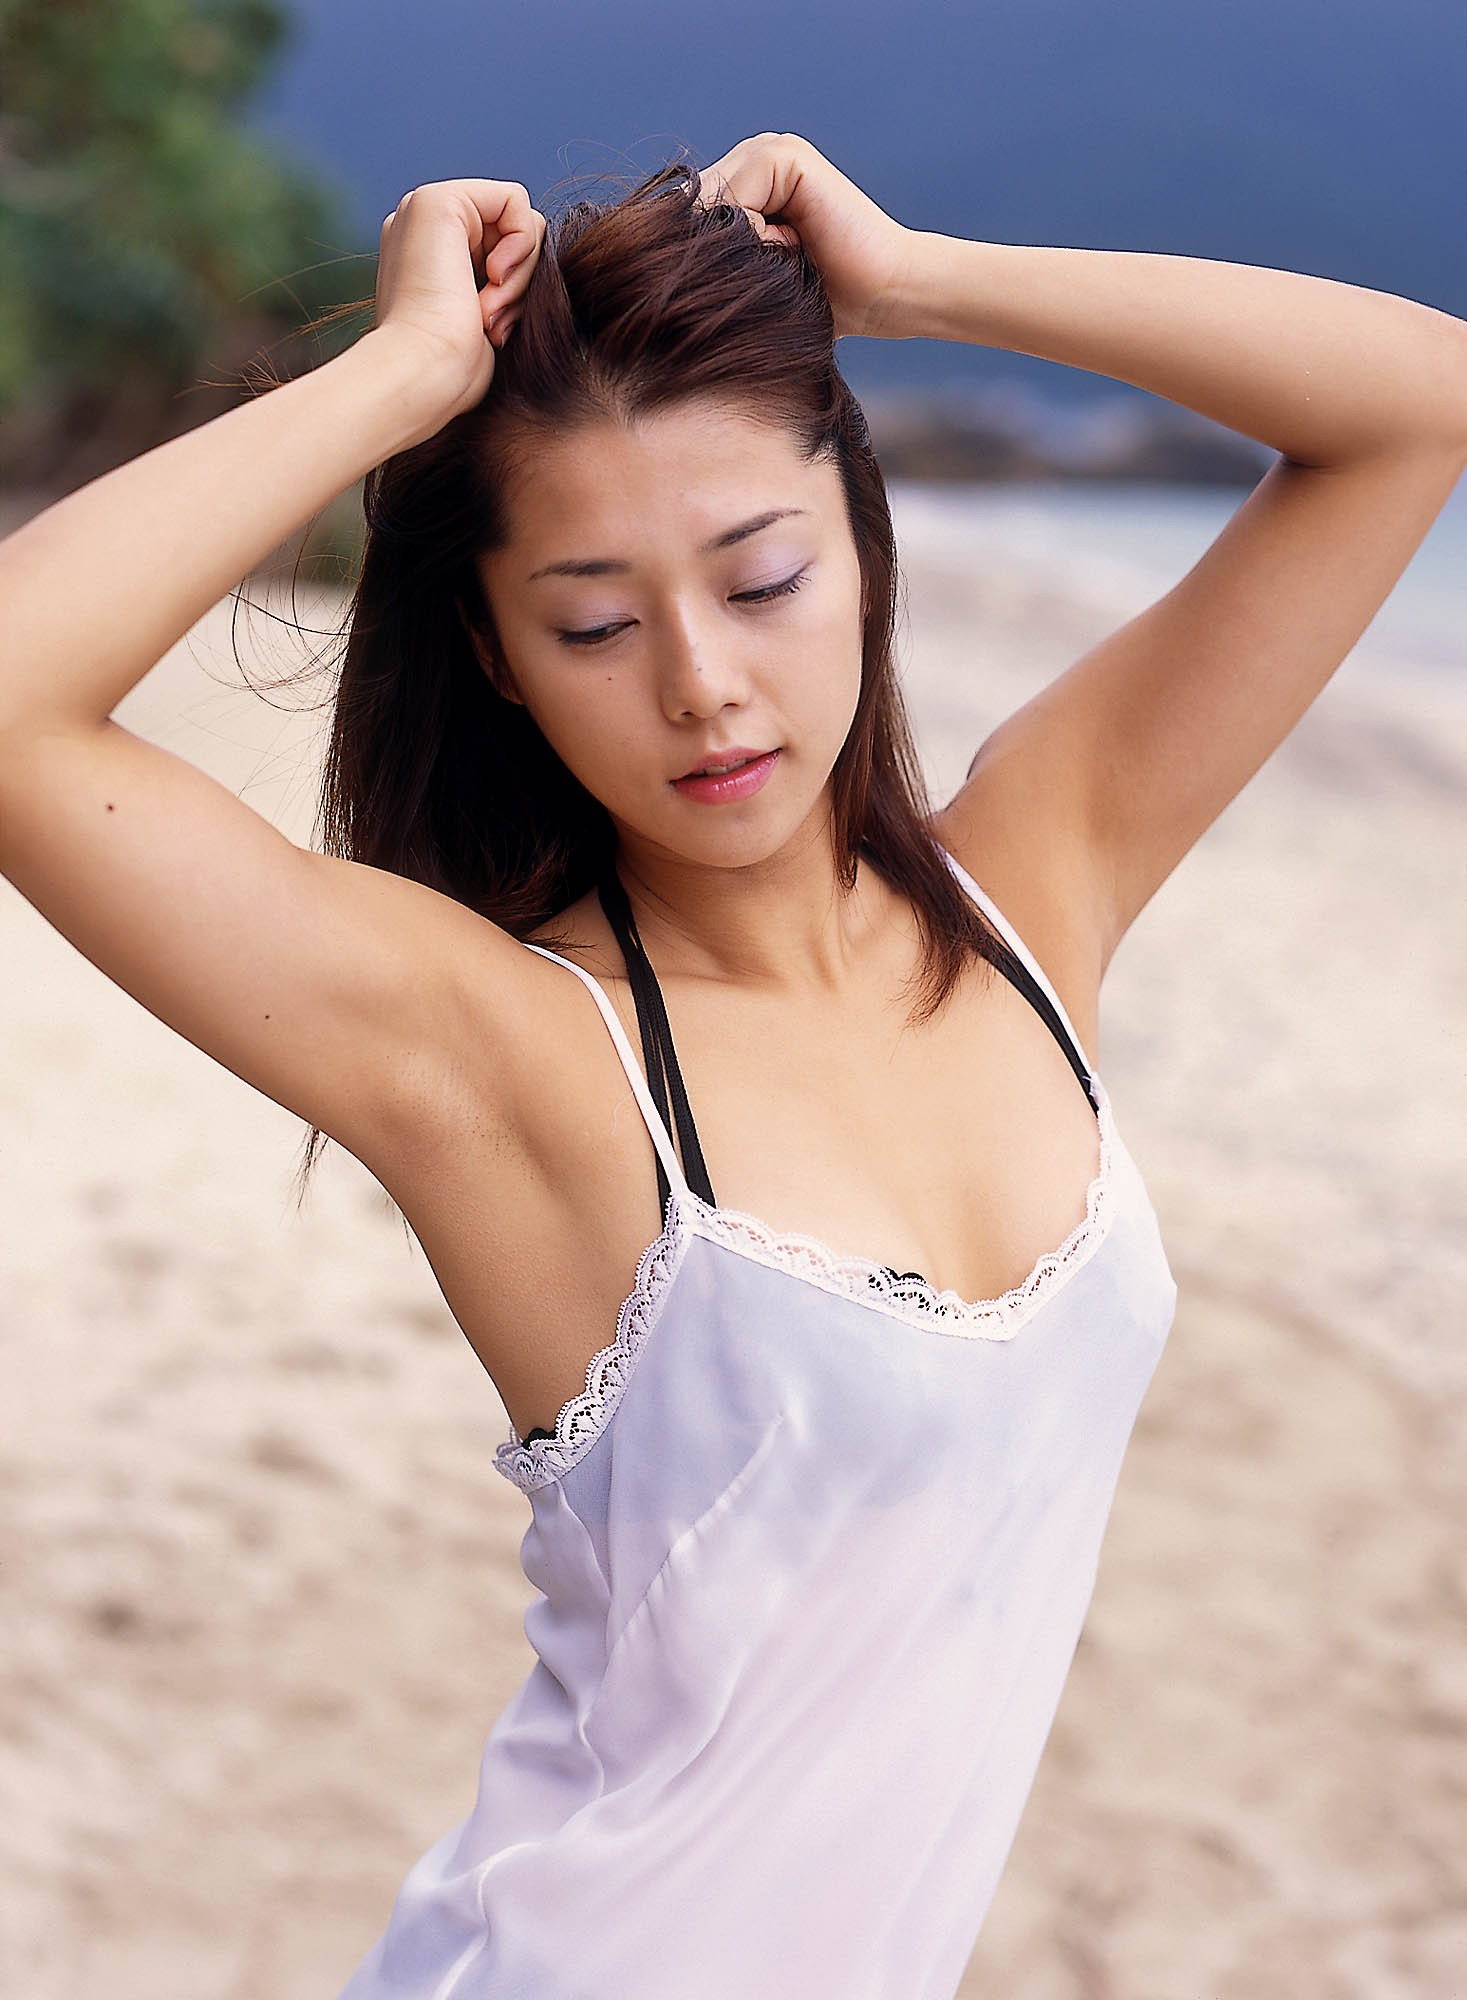 【腋フェチエロ画像】吸い付きやすい肉質してるw舐めて損なし美女の腋(;´Д`)